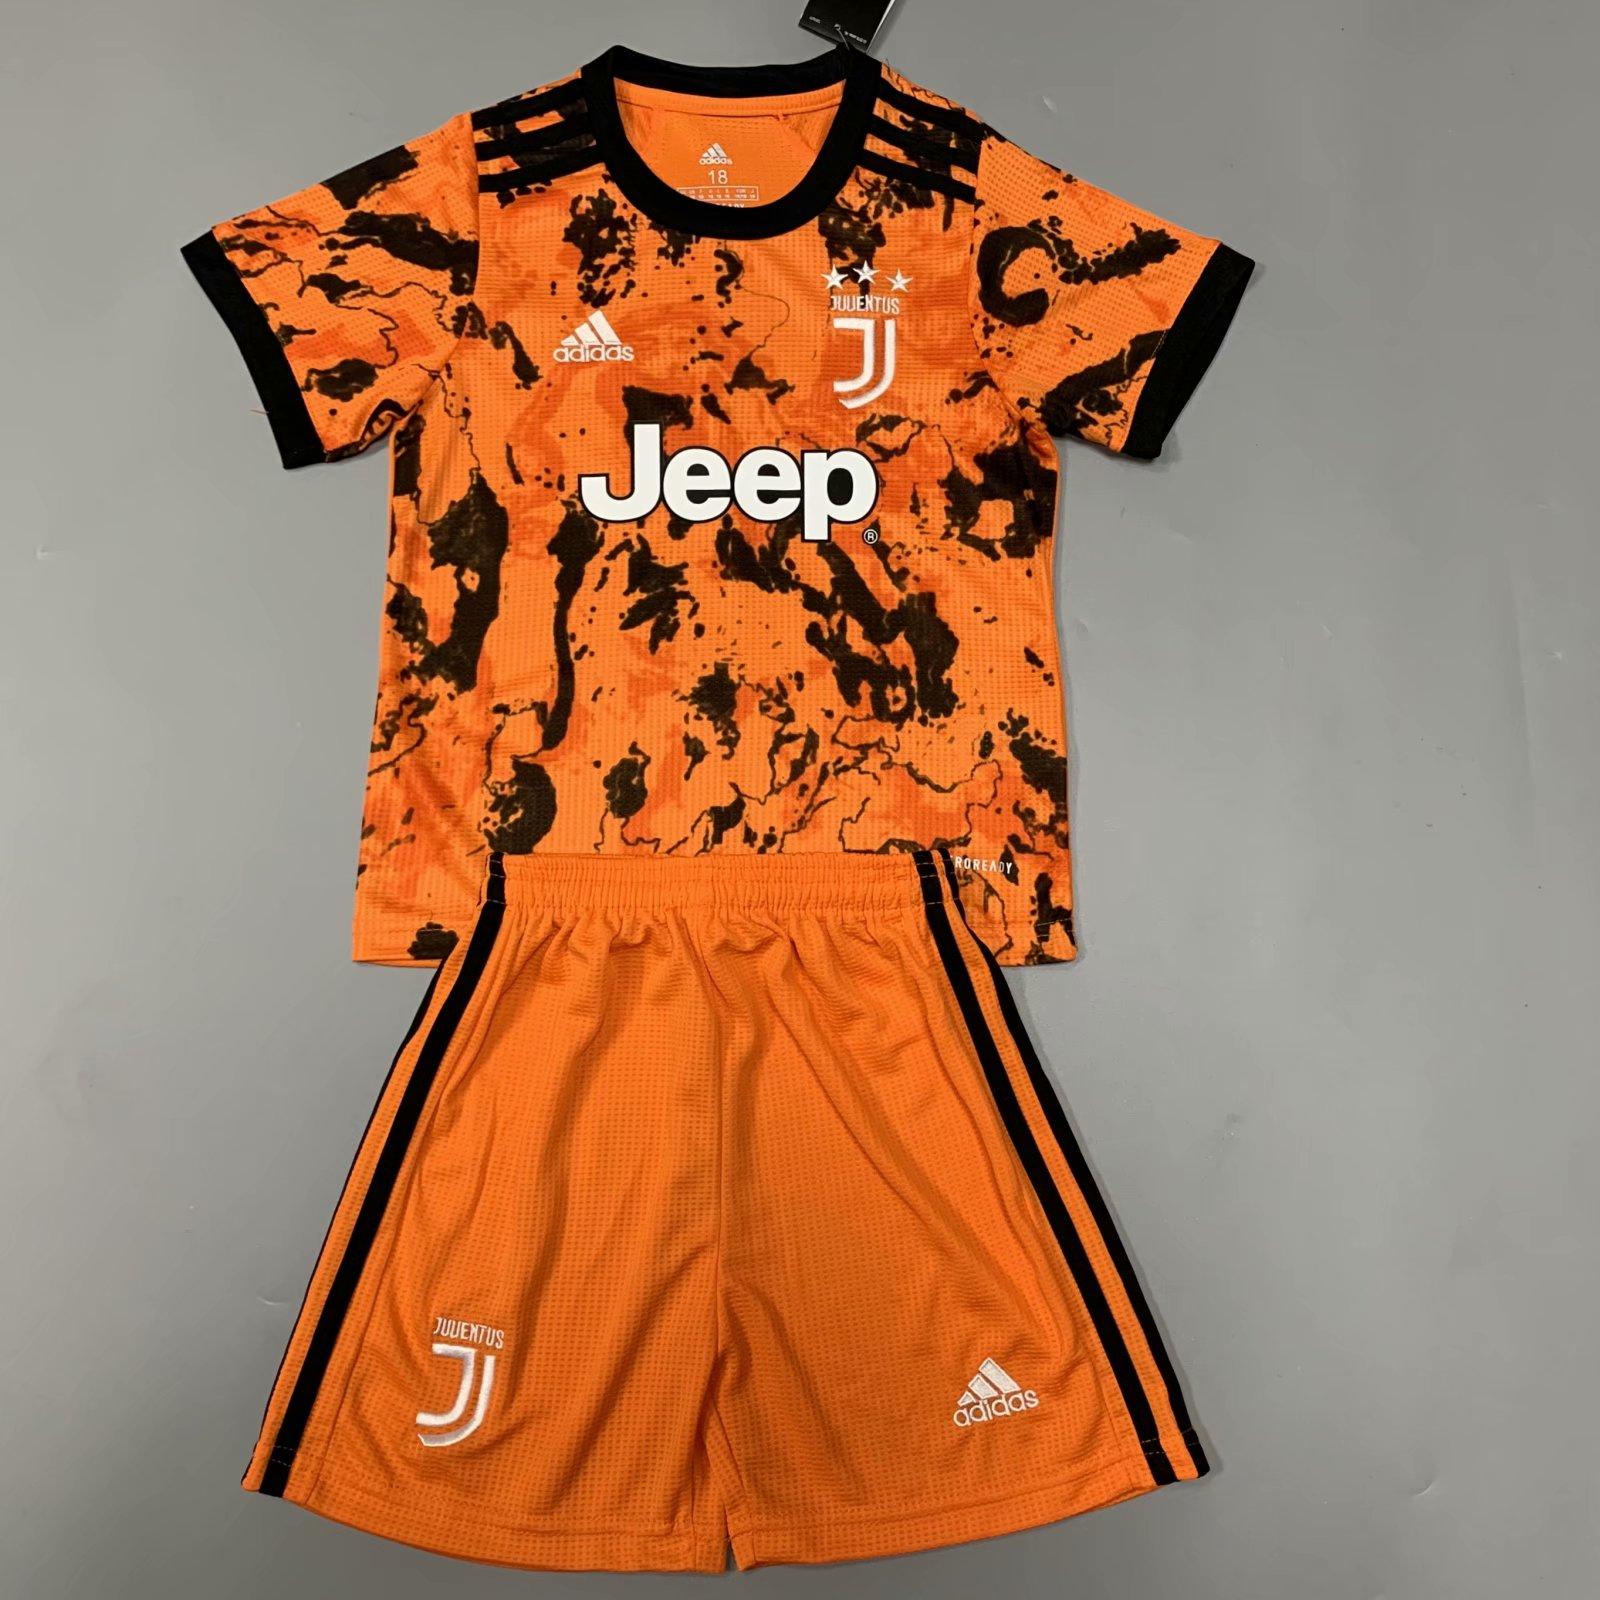 Juventus 20/21 Kids Third Soccer Jersey and Short Kit